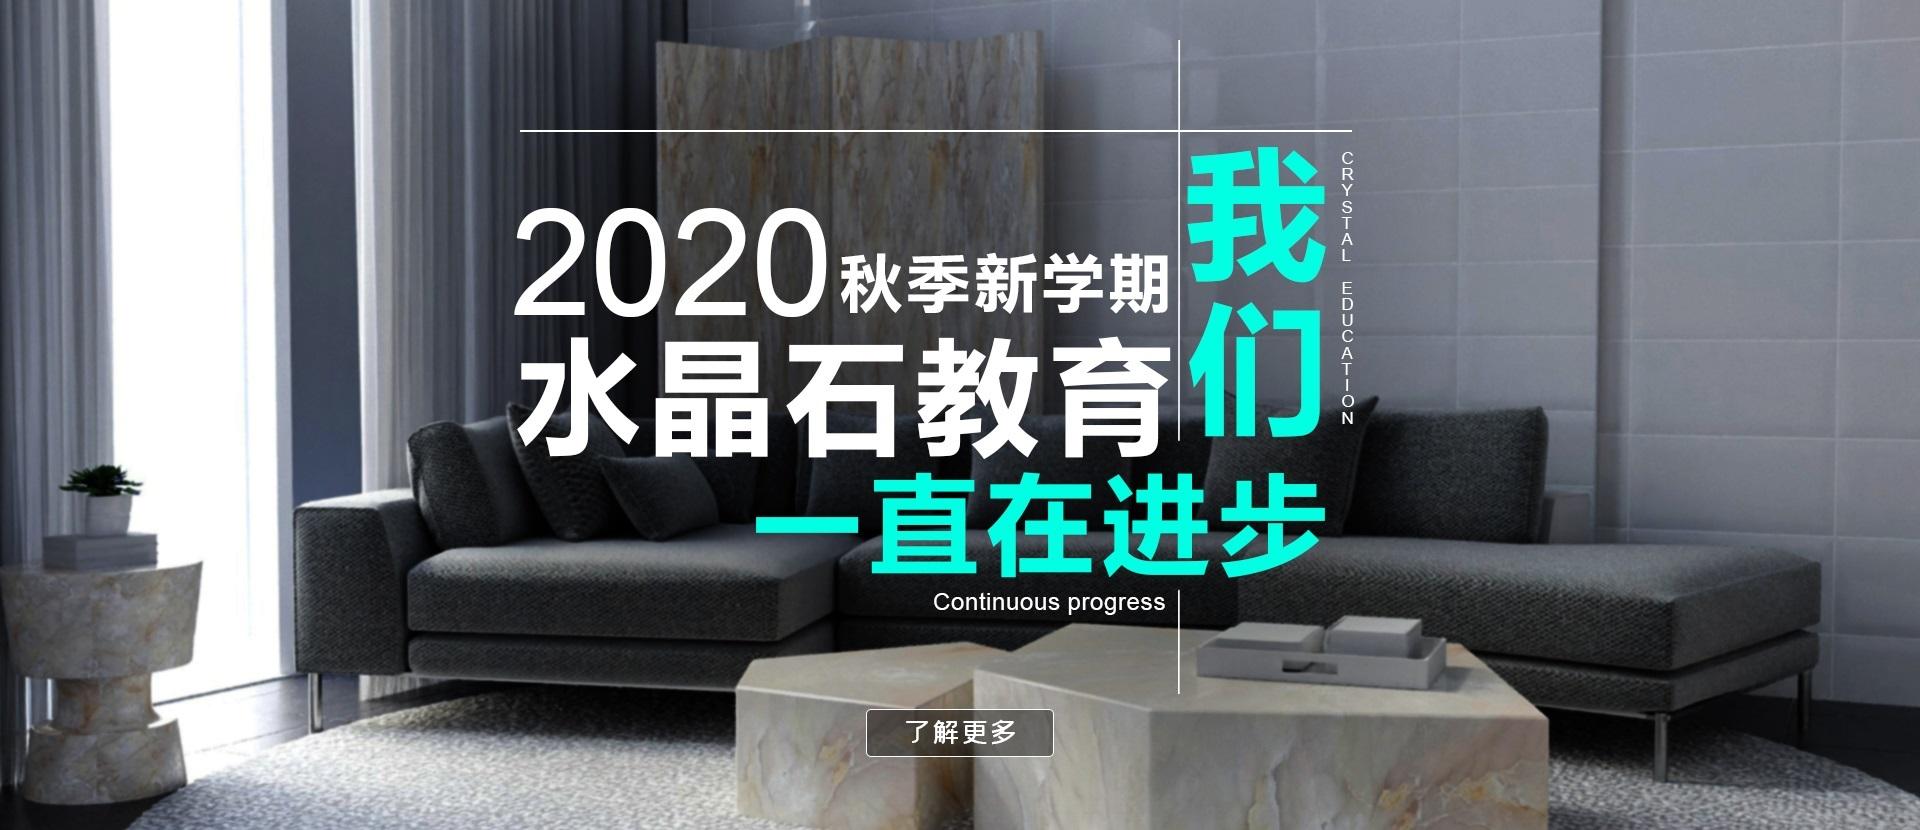 2020 PC段室内设计